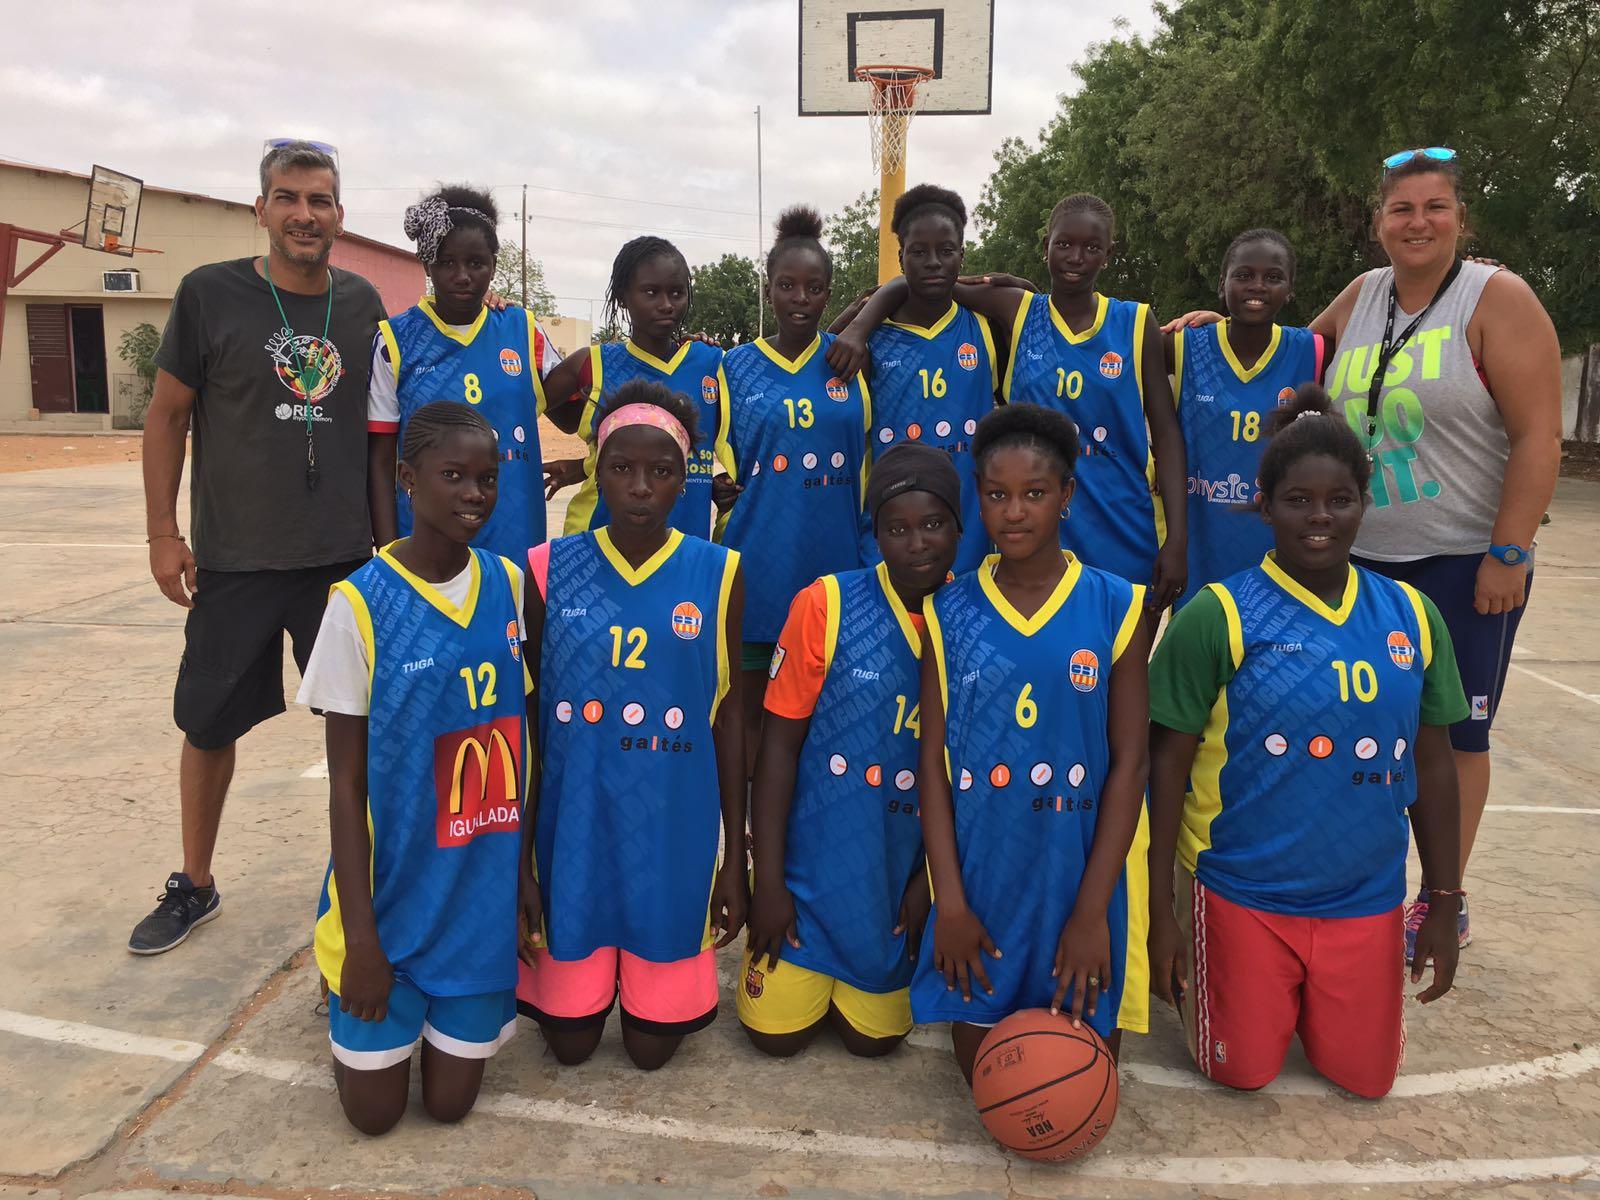 L'ONG REC In Your Memory, ja ha pogut entregar el material de bàsquet als joves de Louga